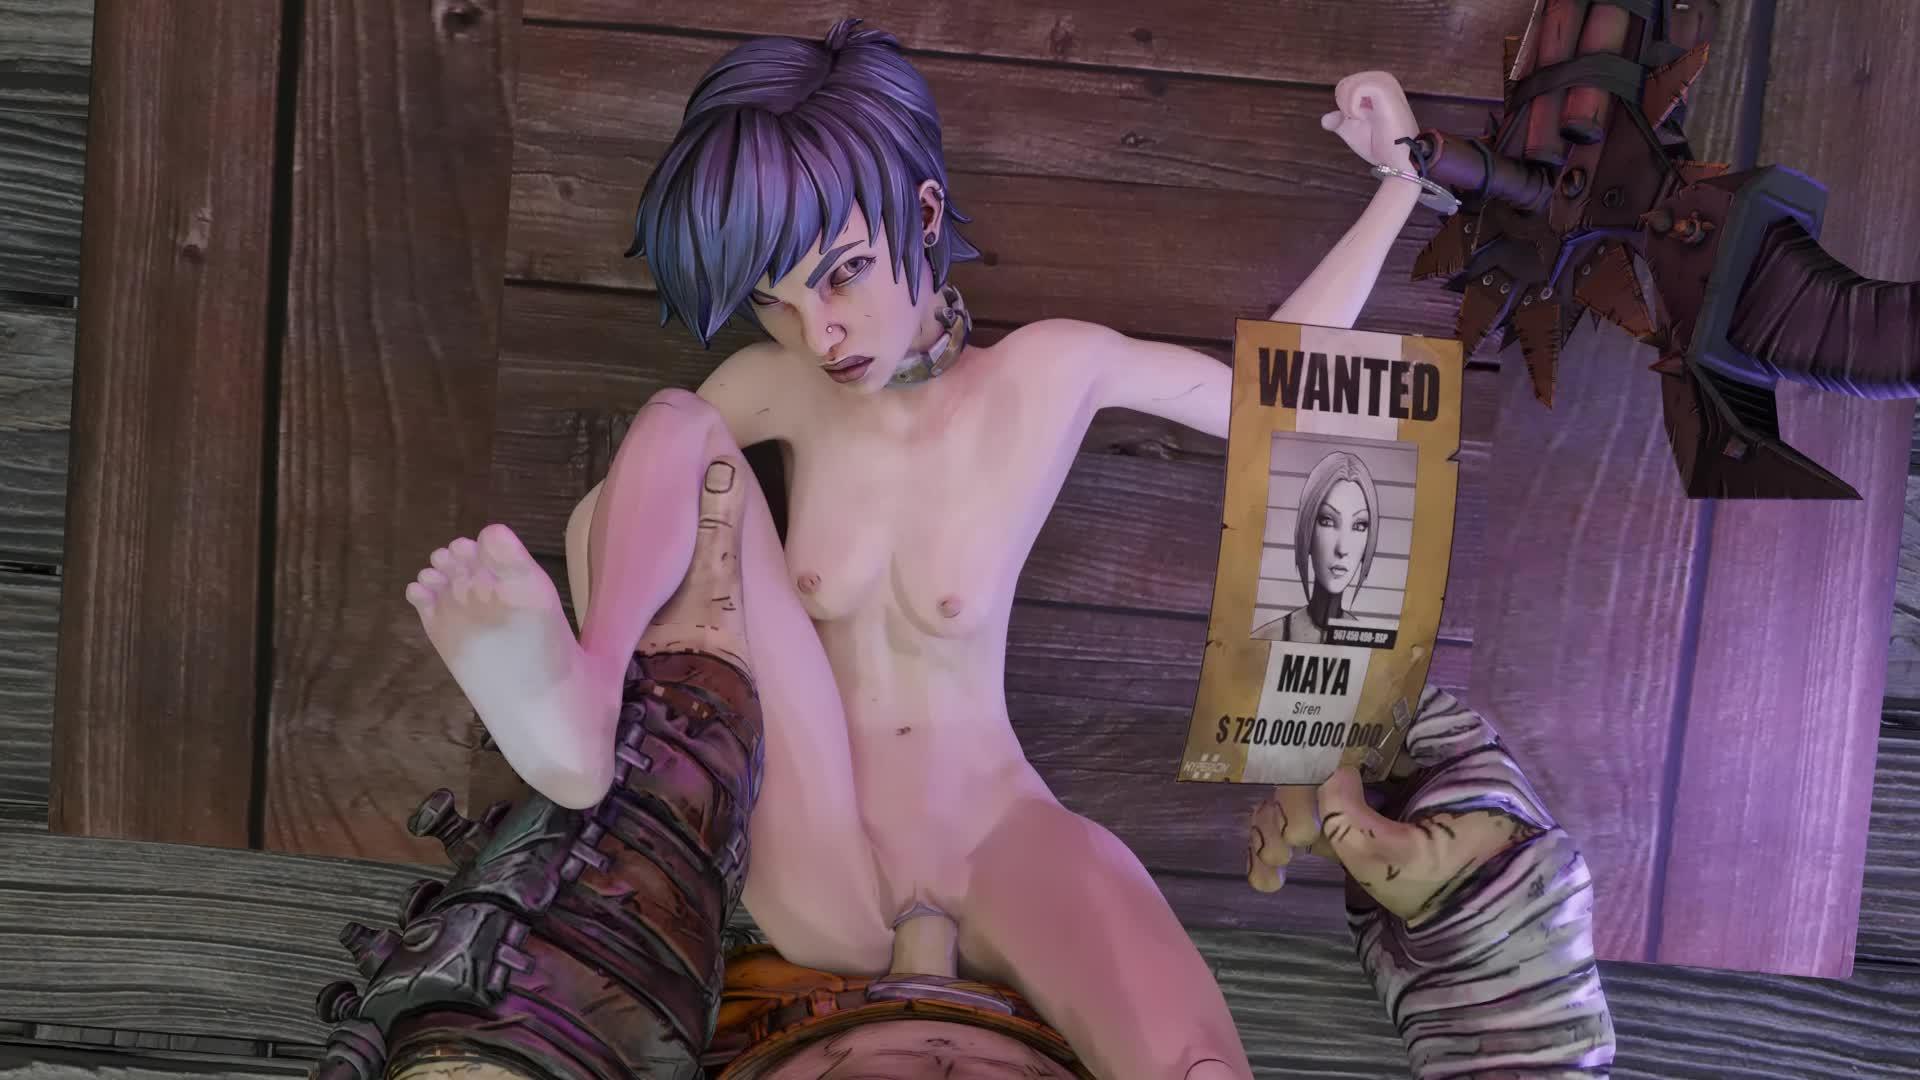 Borderlands 3 Ava Porn